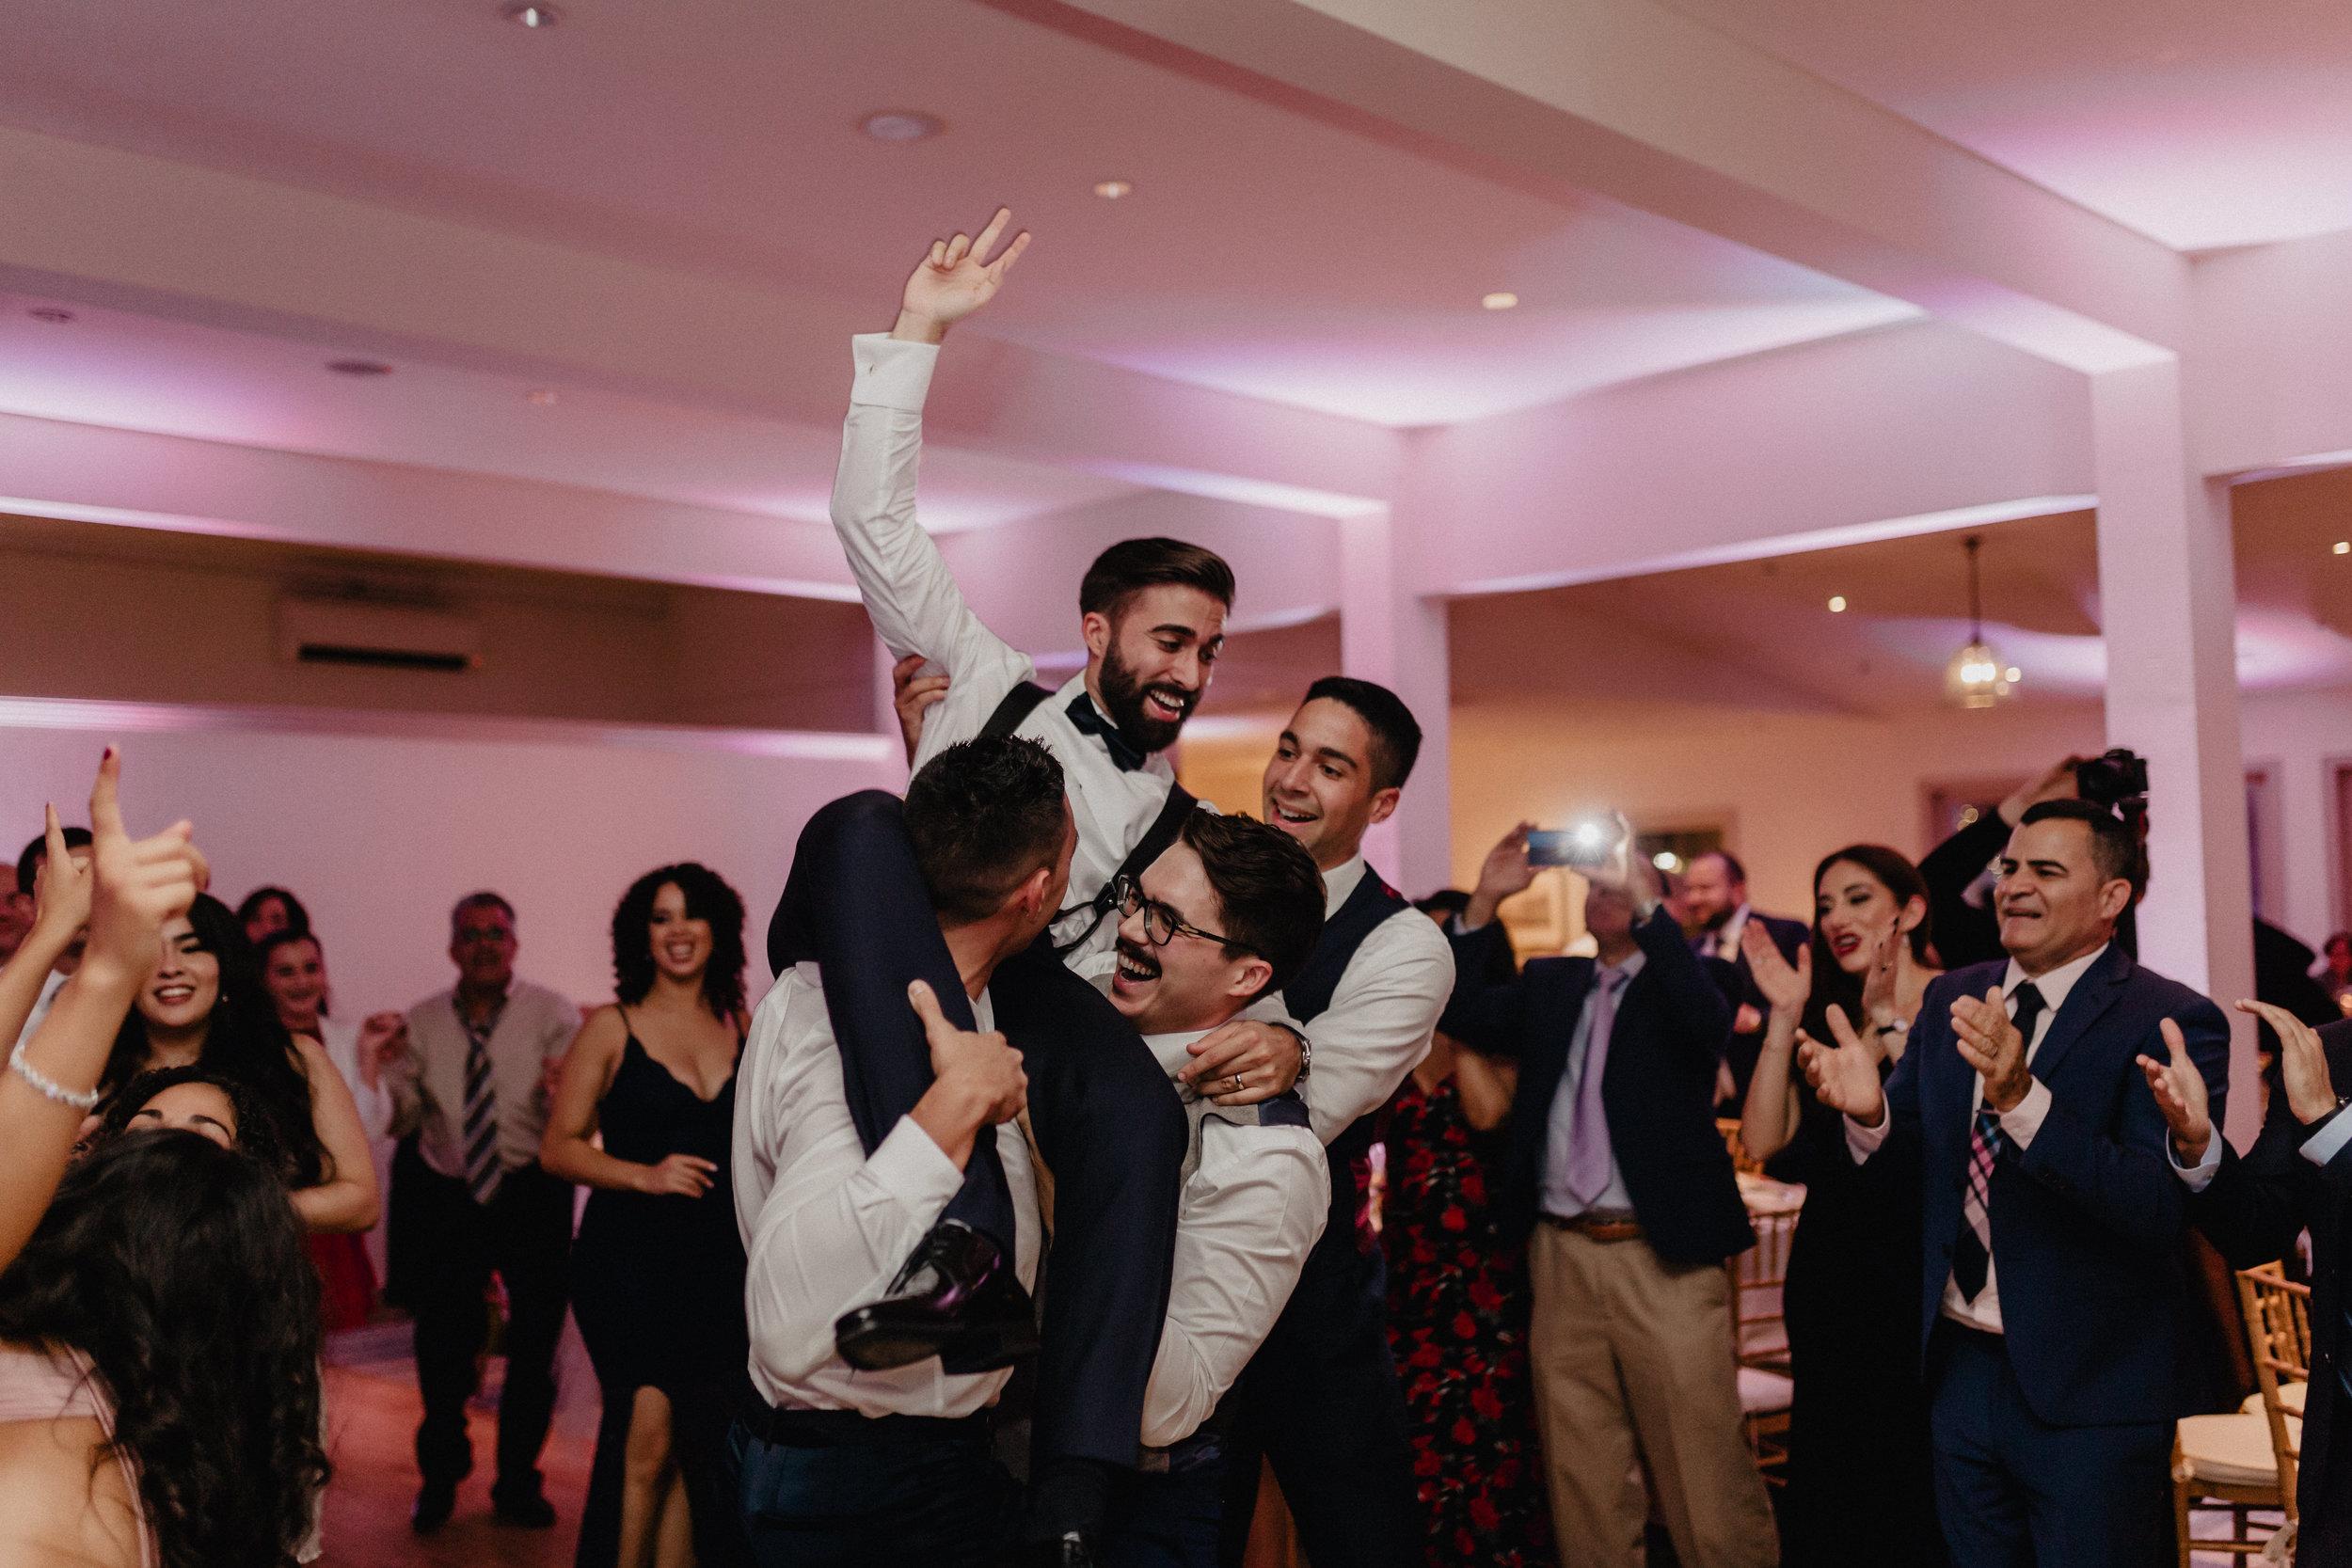 garrison_wedding_photos_105.jpg